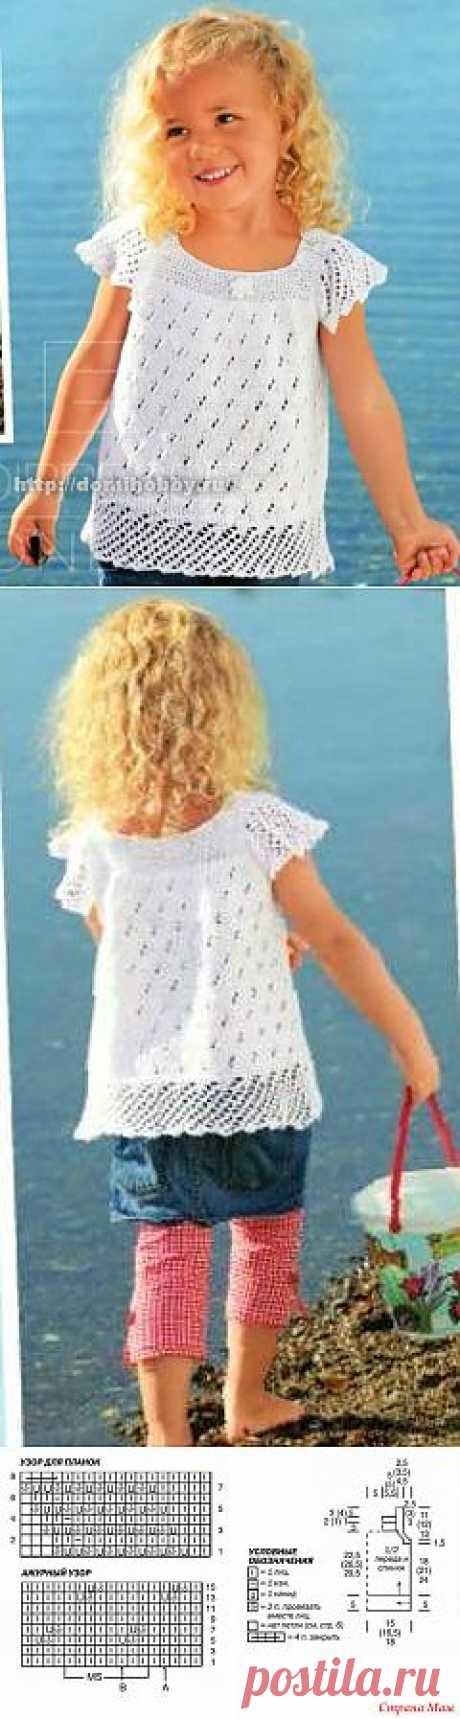 Летняя кофточка для девочки спицами.: Дневник пользователя значит это я - Страна Мам